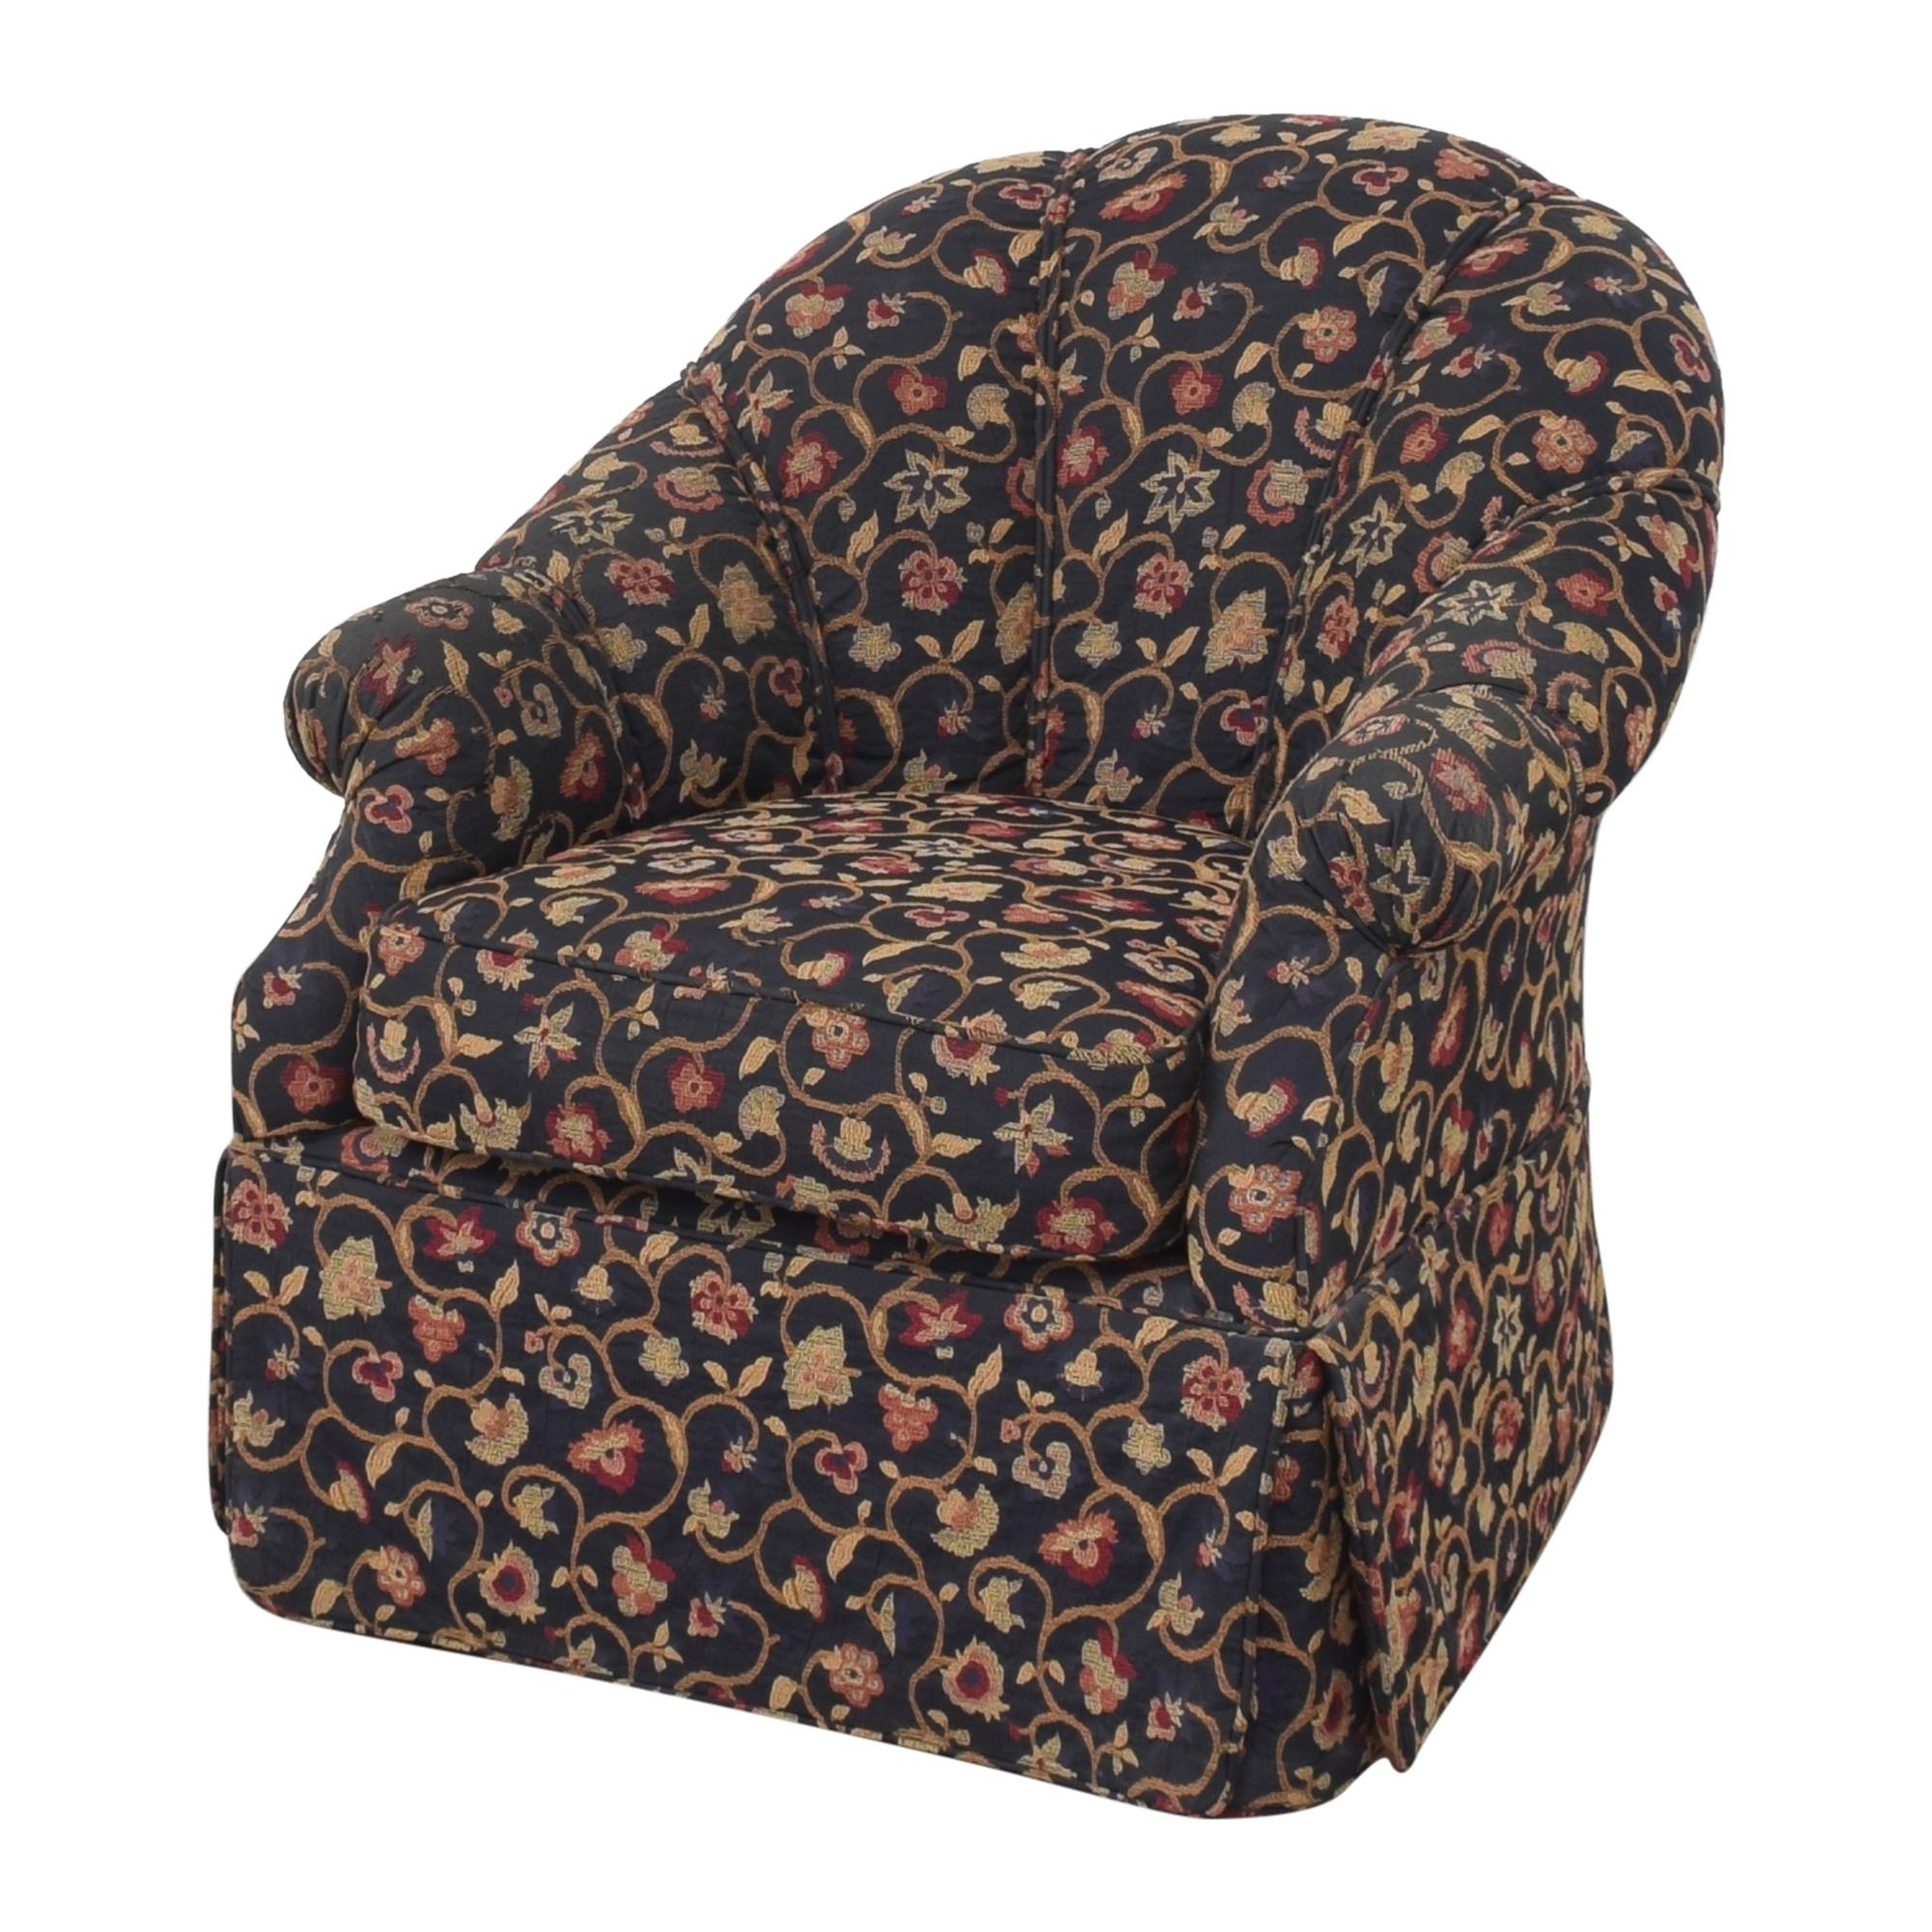 Kravet Kravet Prelude Skirted Swivel Chair price